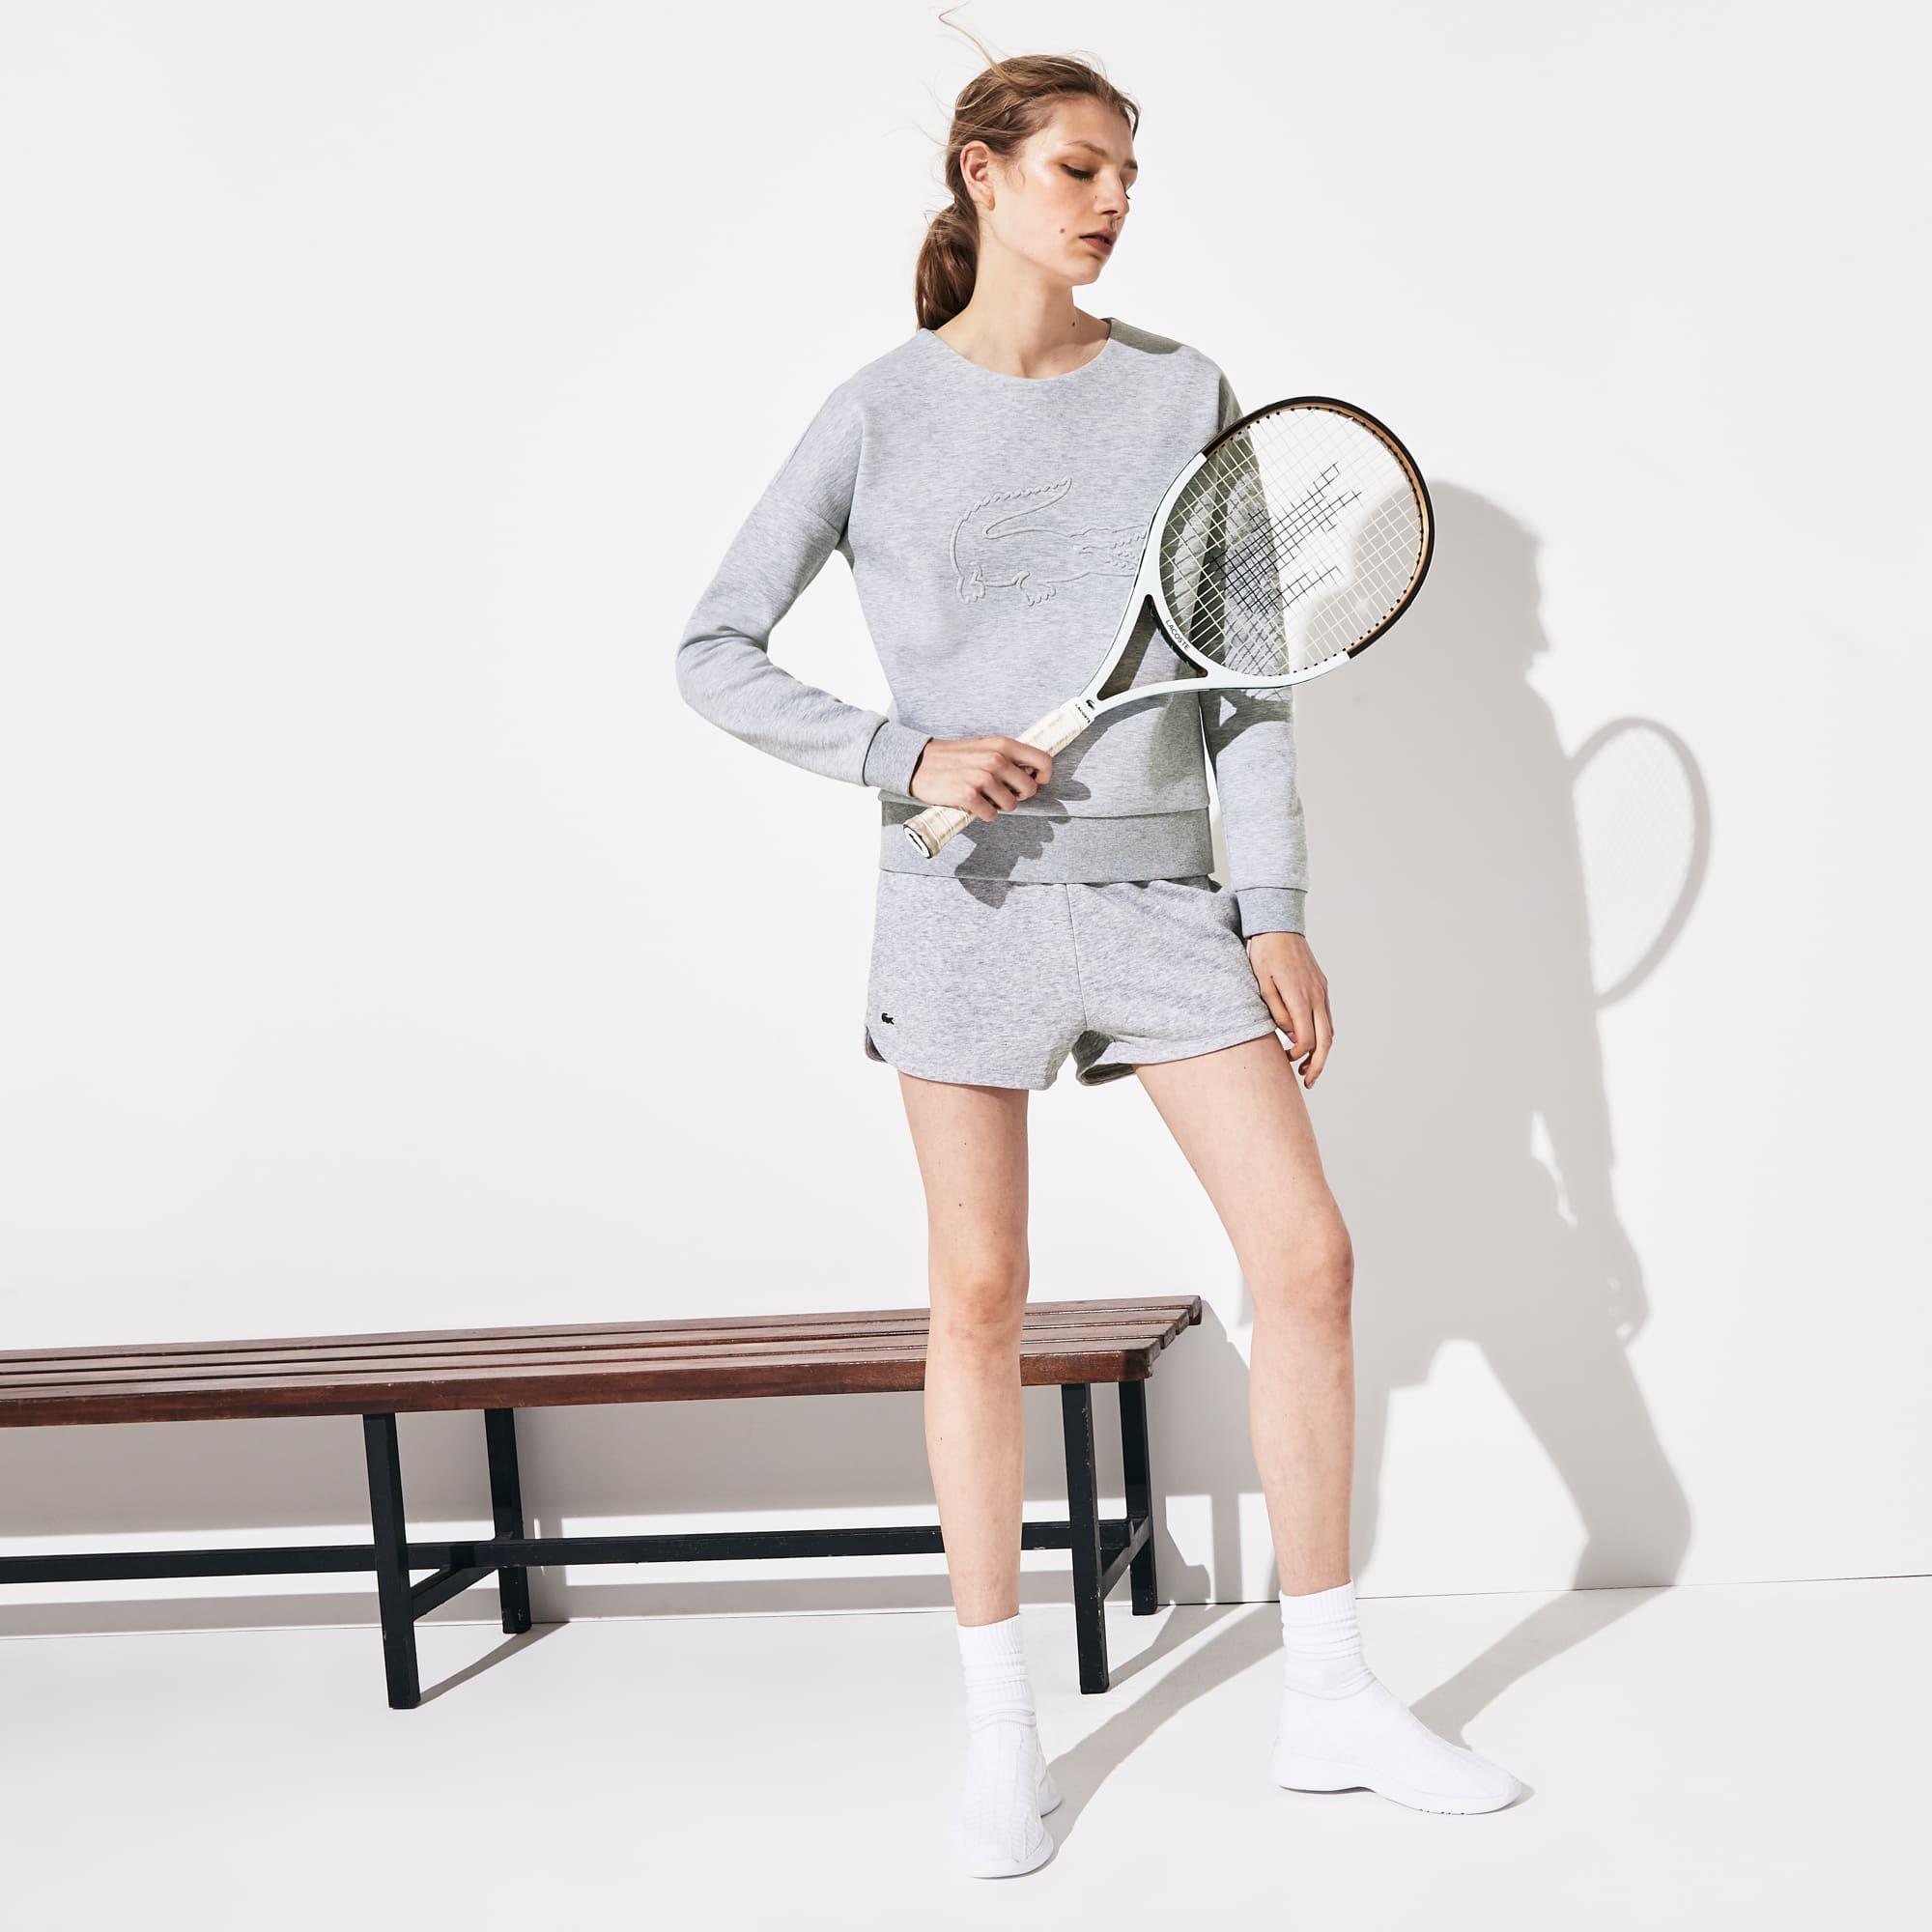 Women's  SPORT Tennis Fleece Shorts